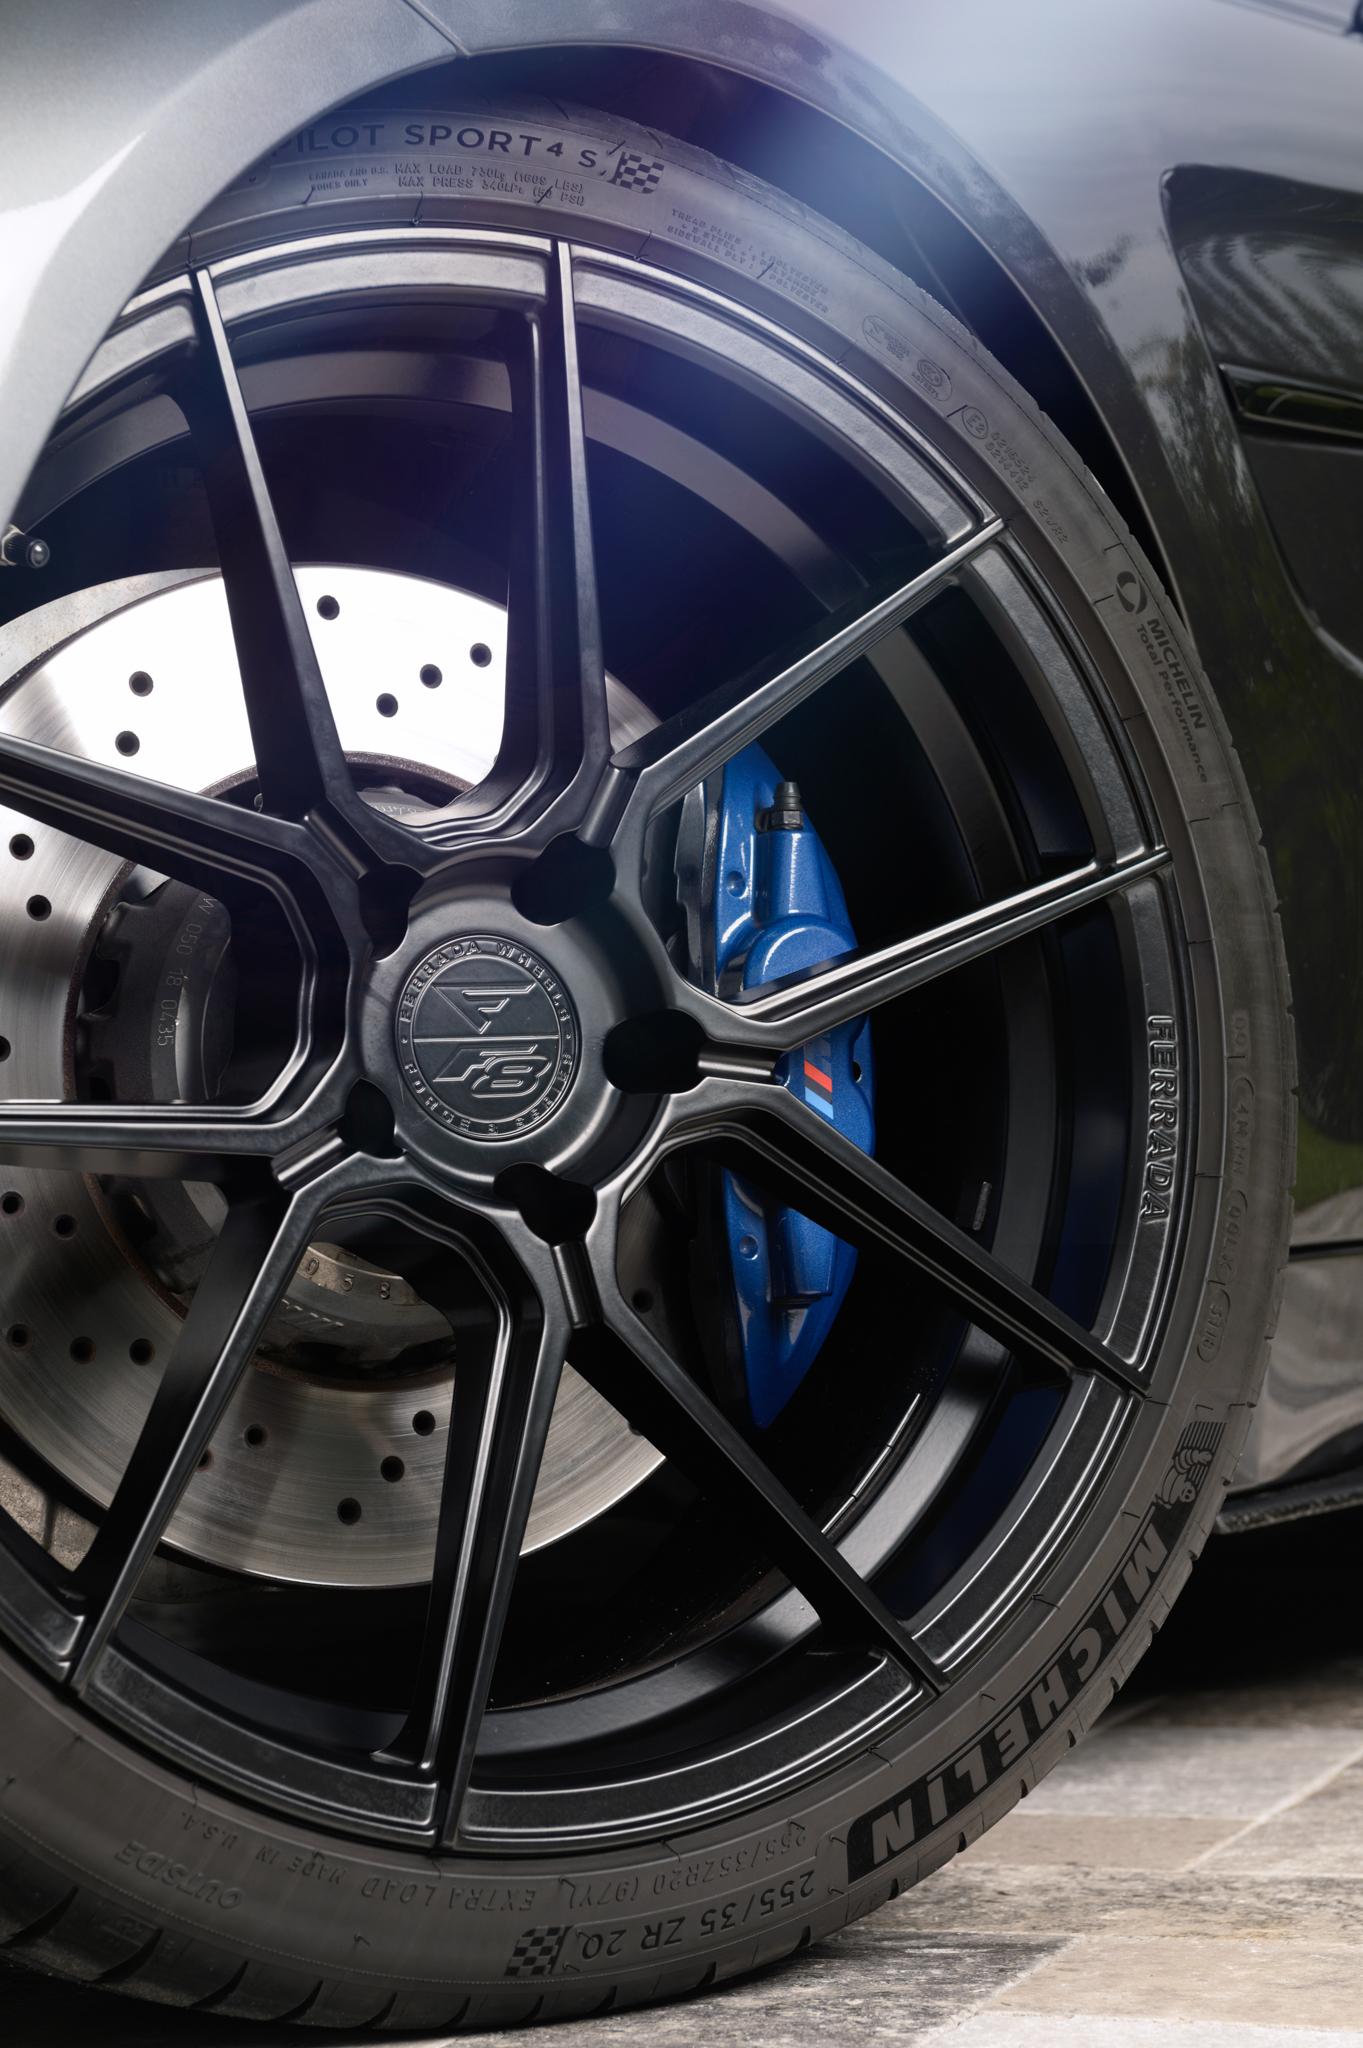 2019 Bmw M4 Fr8 Ferrada Wheels